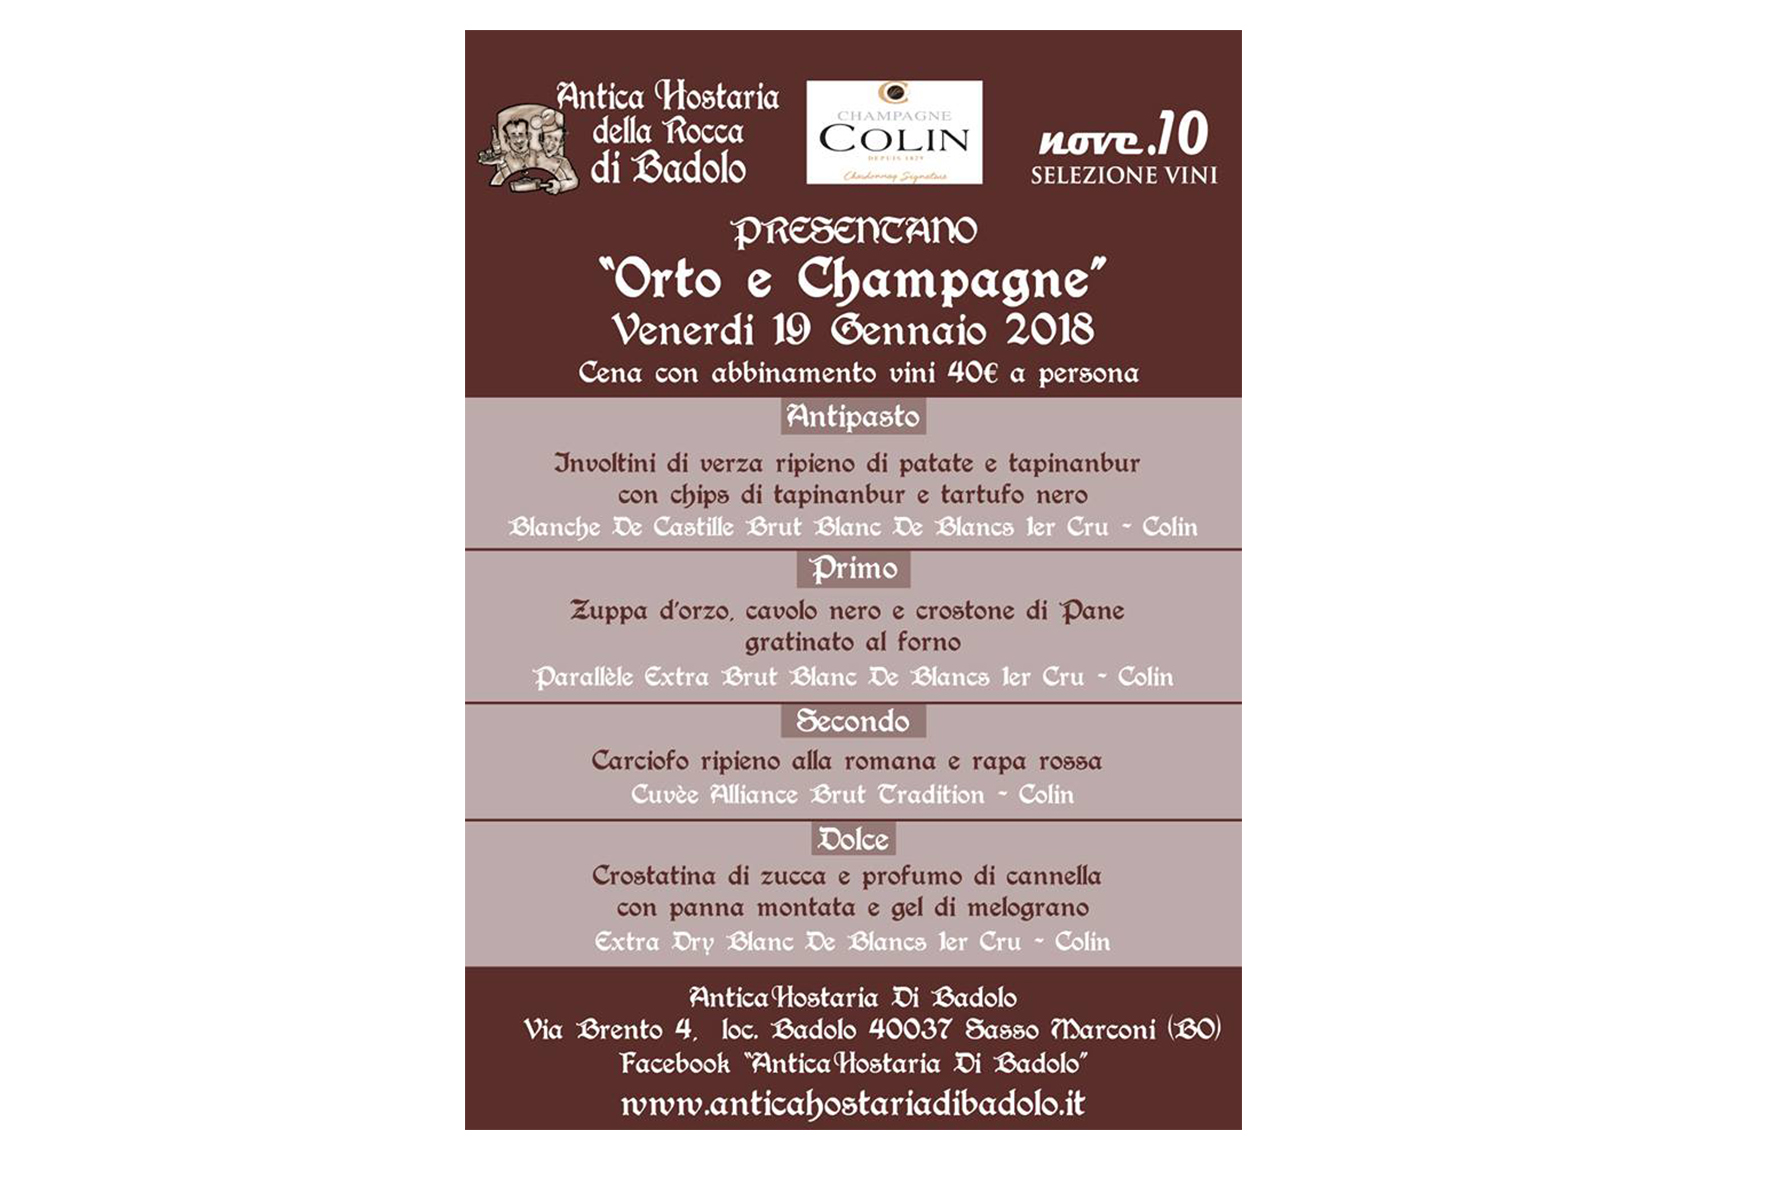 Orto e Champagne